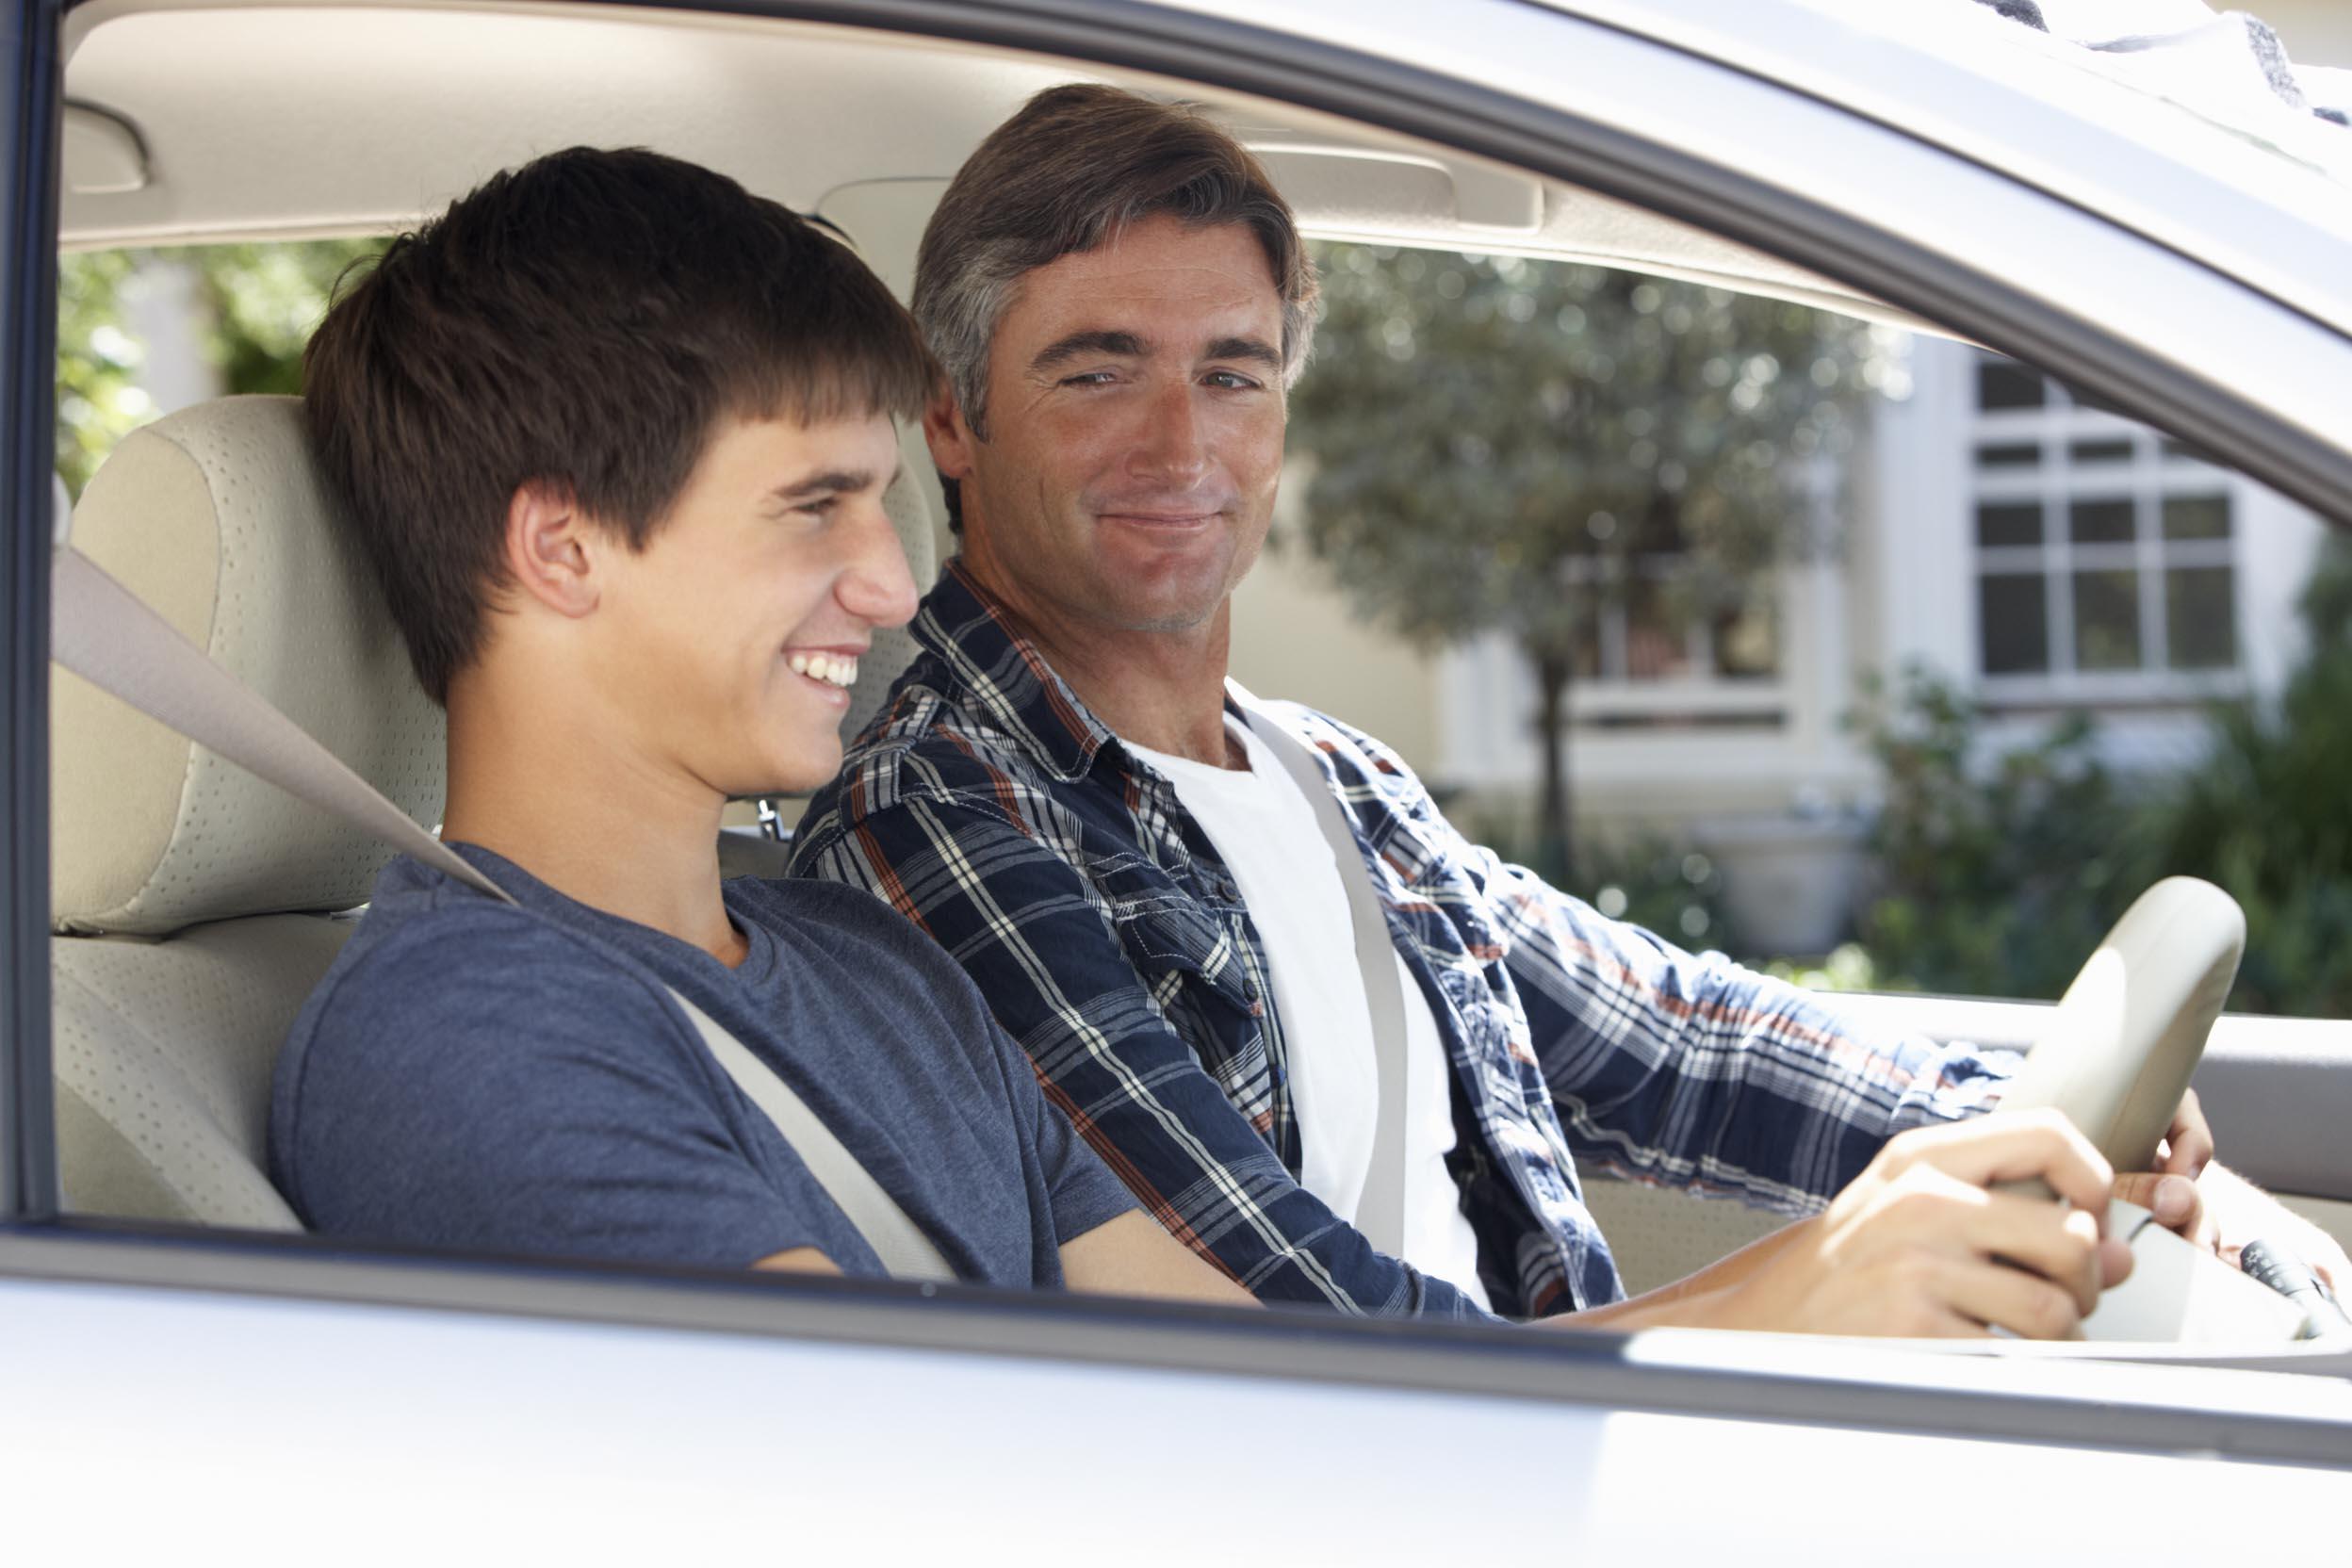 Incluir Hijo seguro coche